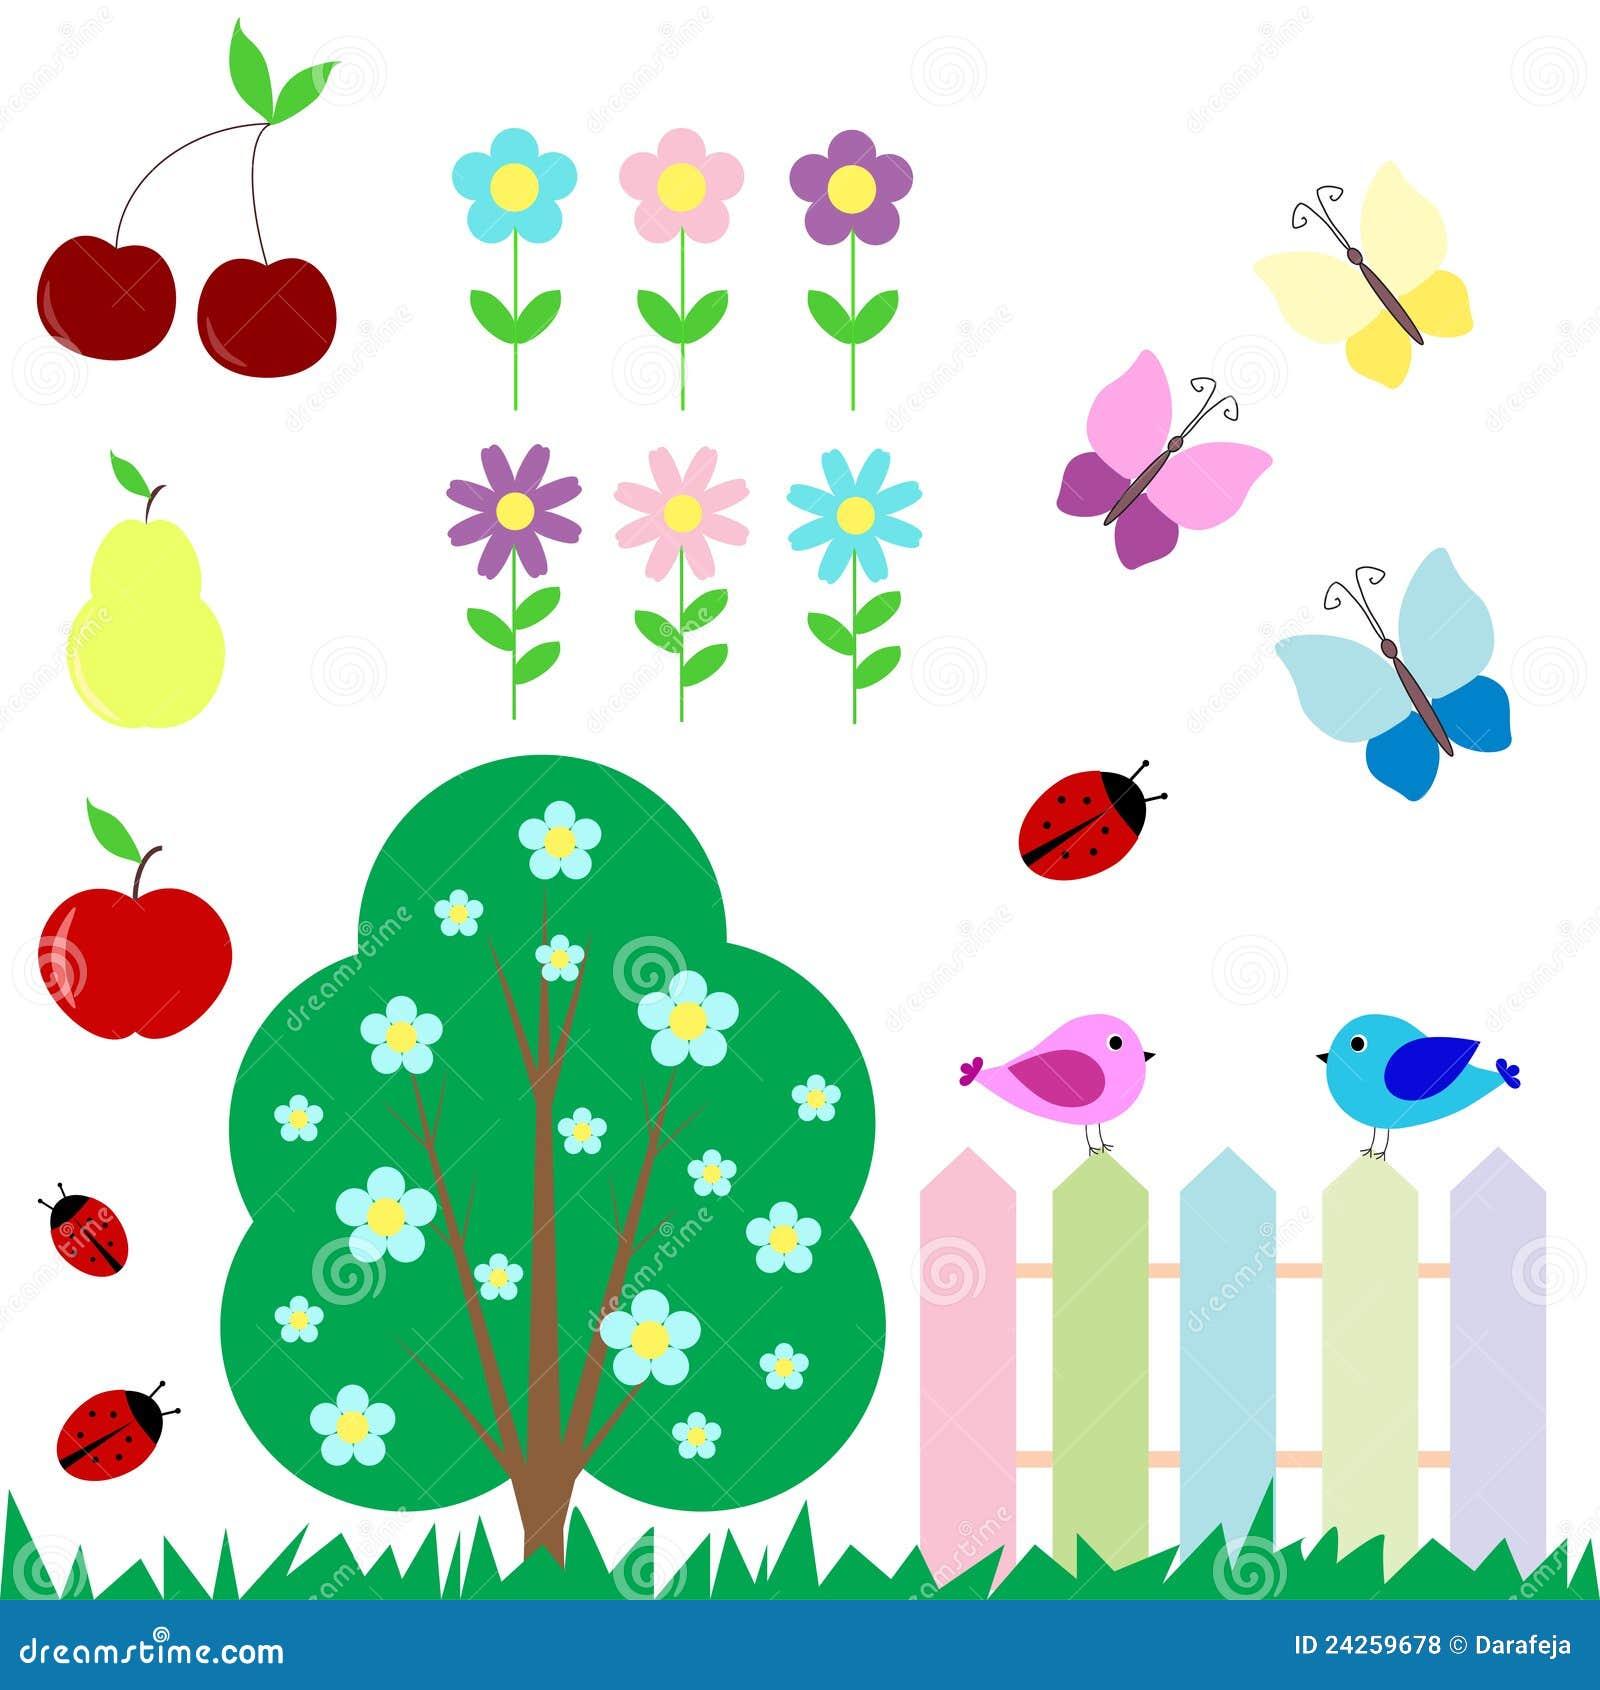 Dibujos Para Colorear Flores Y Frutas Imagesacolorierwebsite